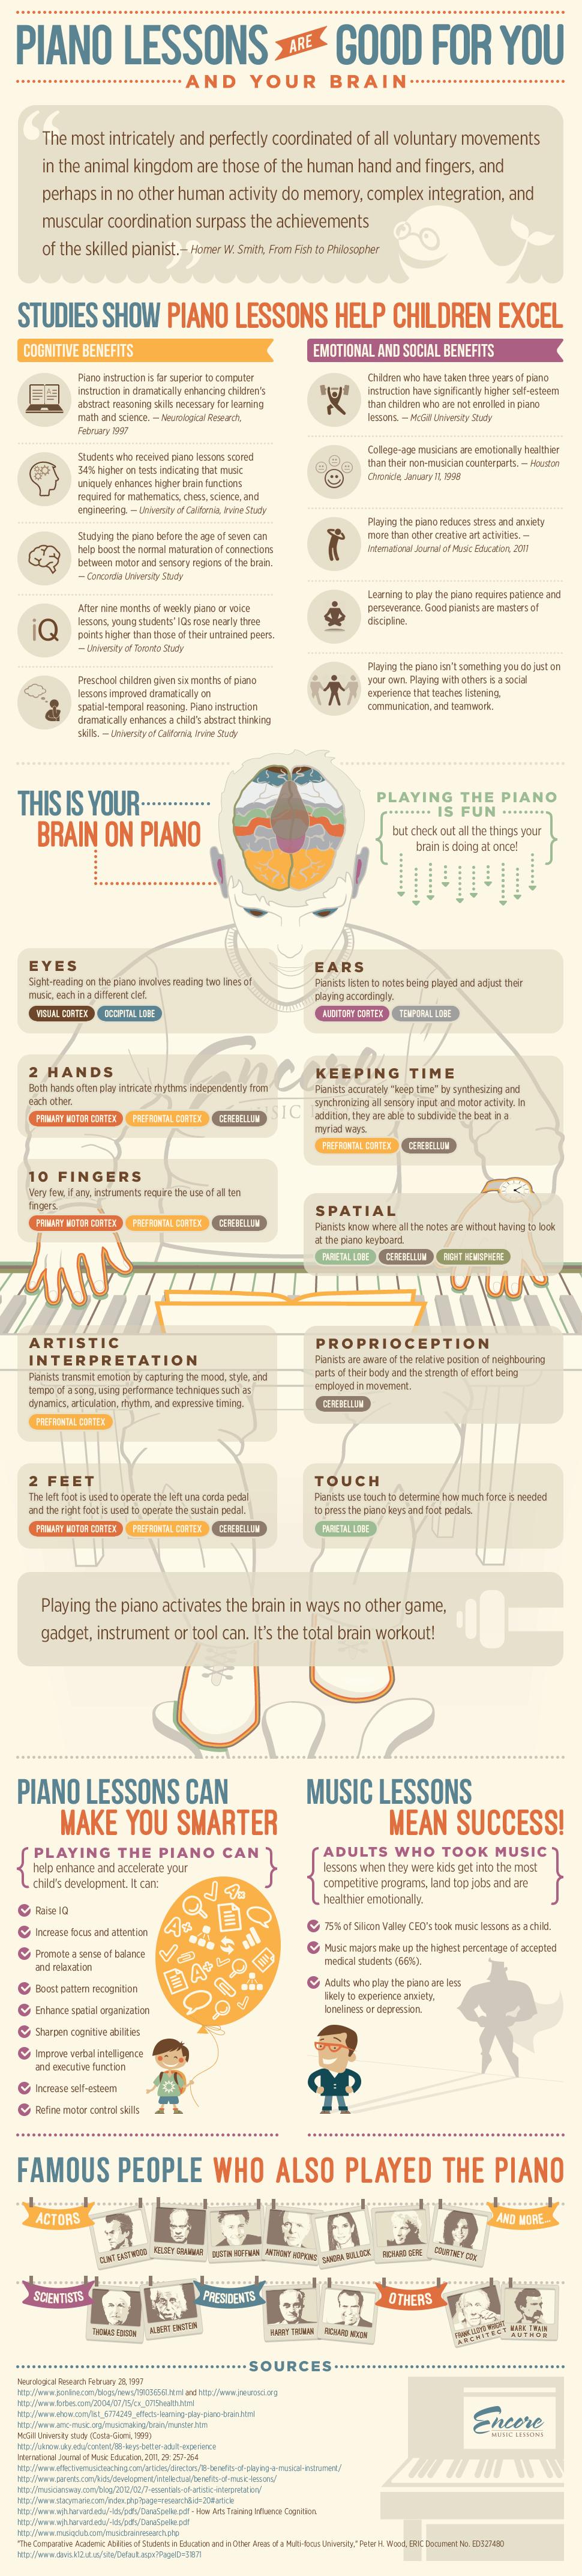 belajar piano sangat baik bagi otak anak anak